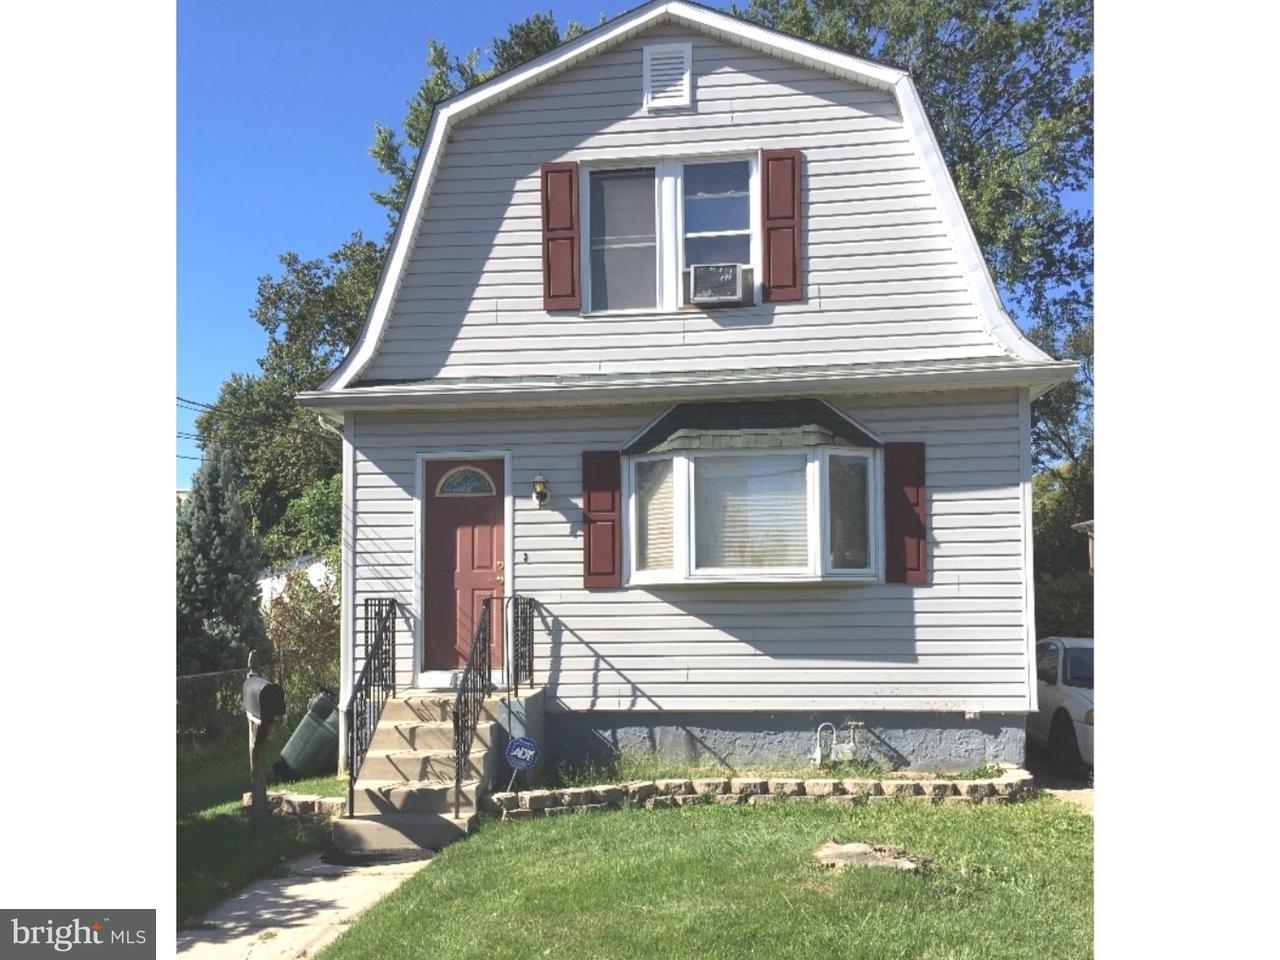 Частный односемейный дом для того Продажа на 1526 BAYARD Avenue Folcroft, Пенсильвания 19032 Соединенные Штаты